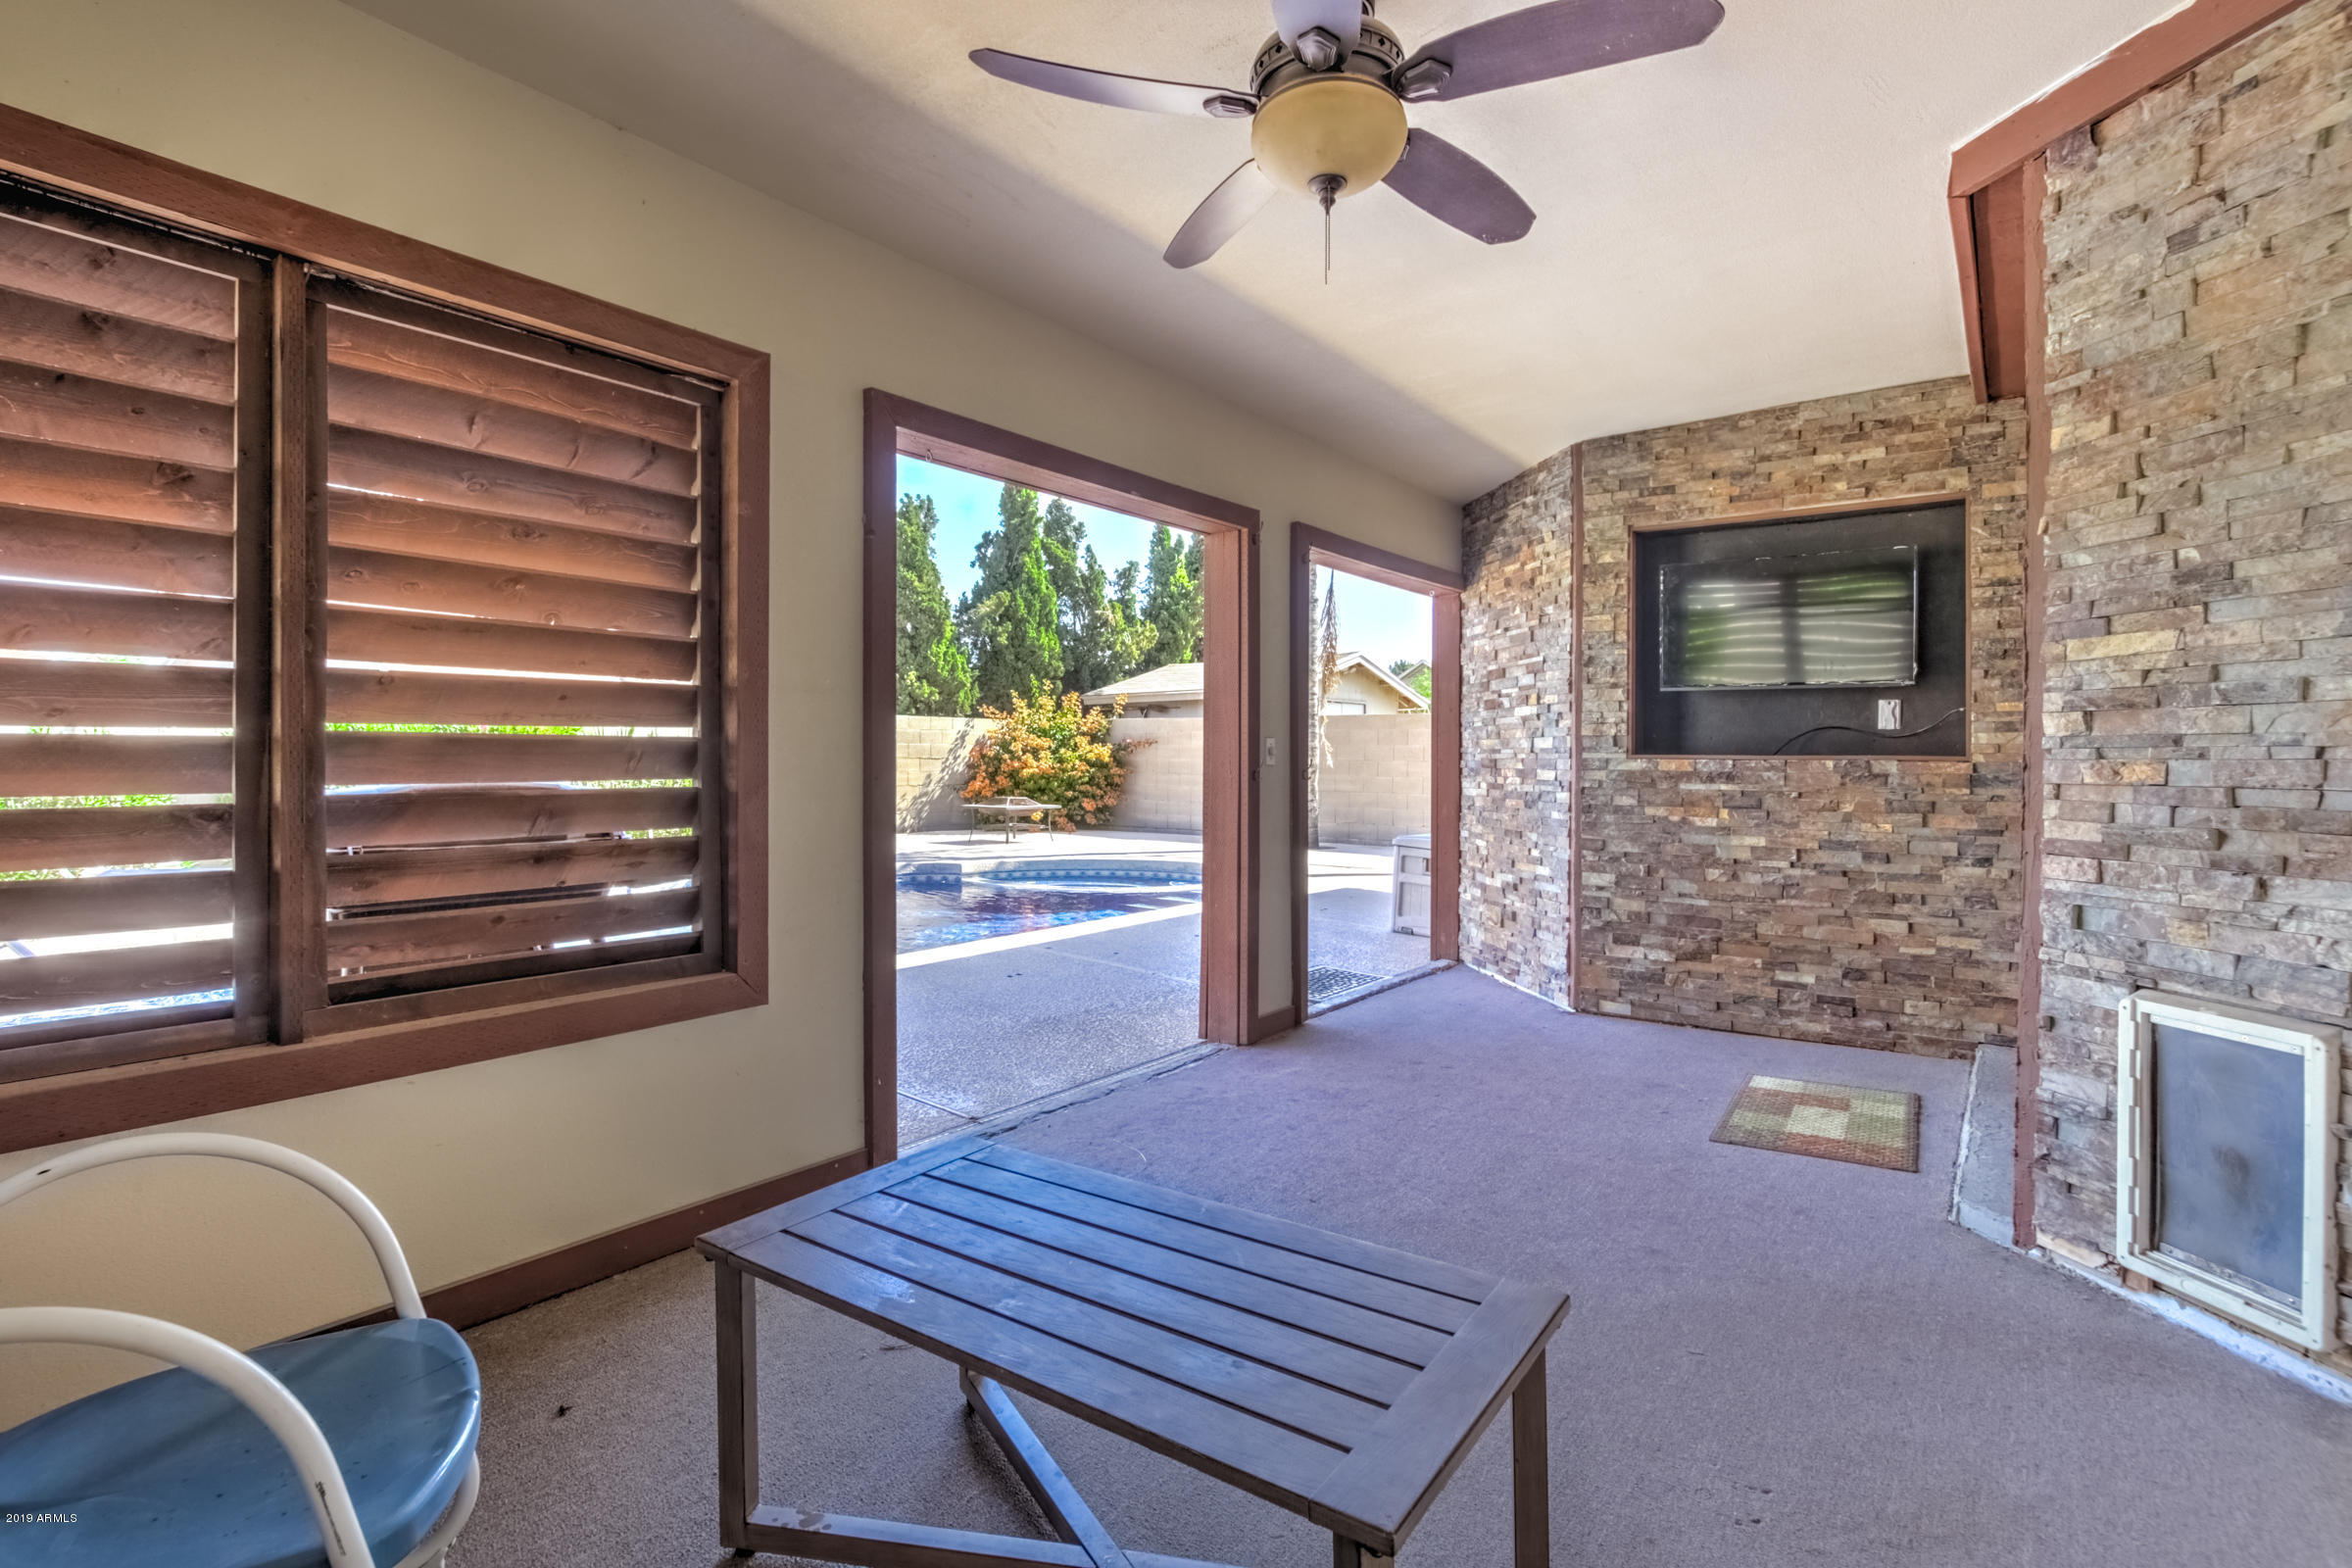 MLS 5898251 4426 E DOUGLAS Avenue, Gilbert, AZ 85234 Gilbert AZ Towne Meadows